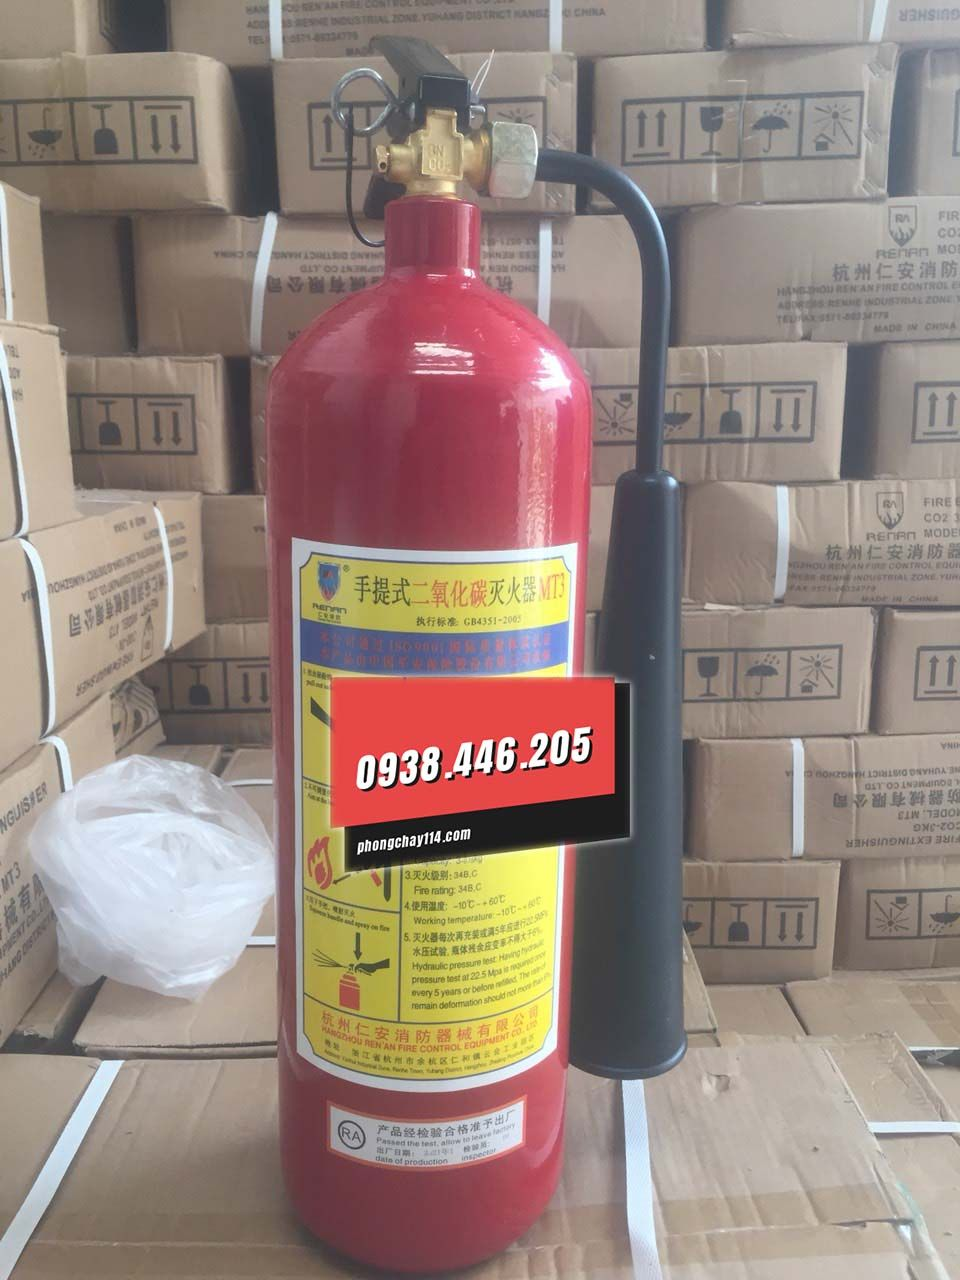 Bình chữa cháy Renan co2 mt3 3kg